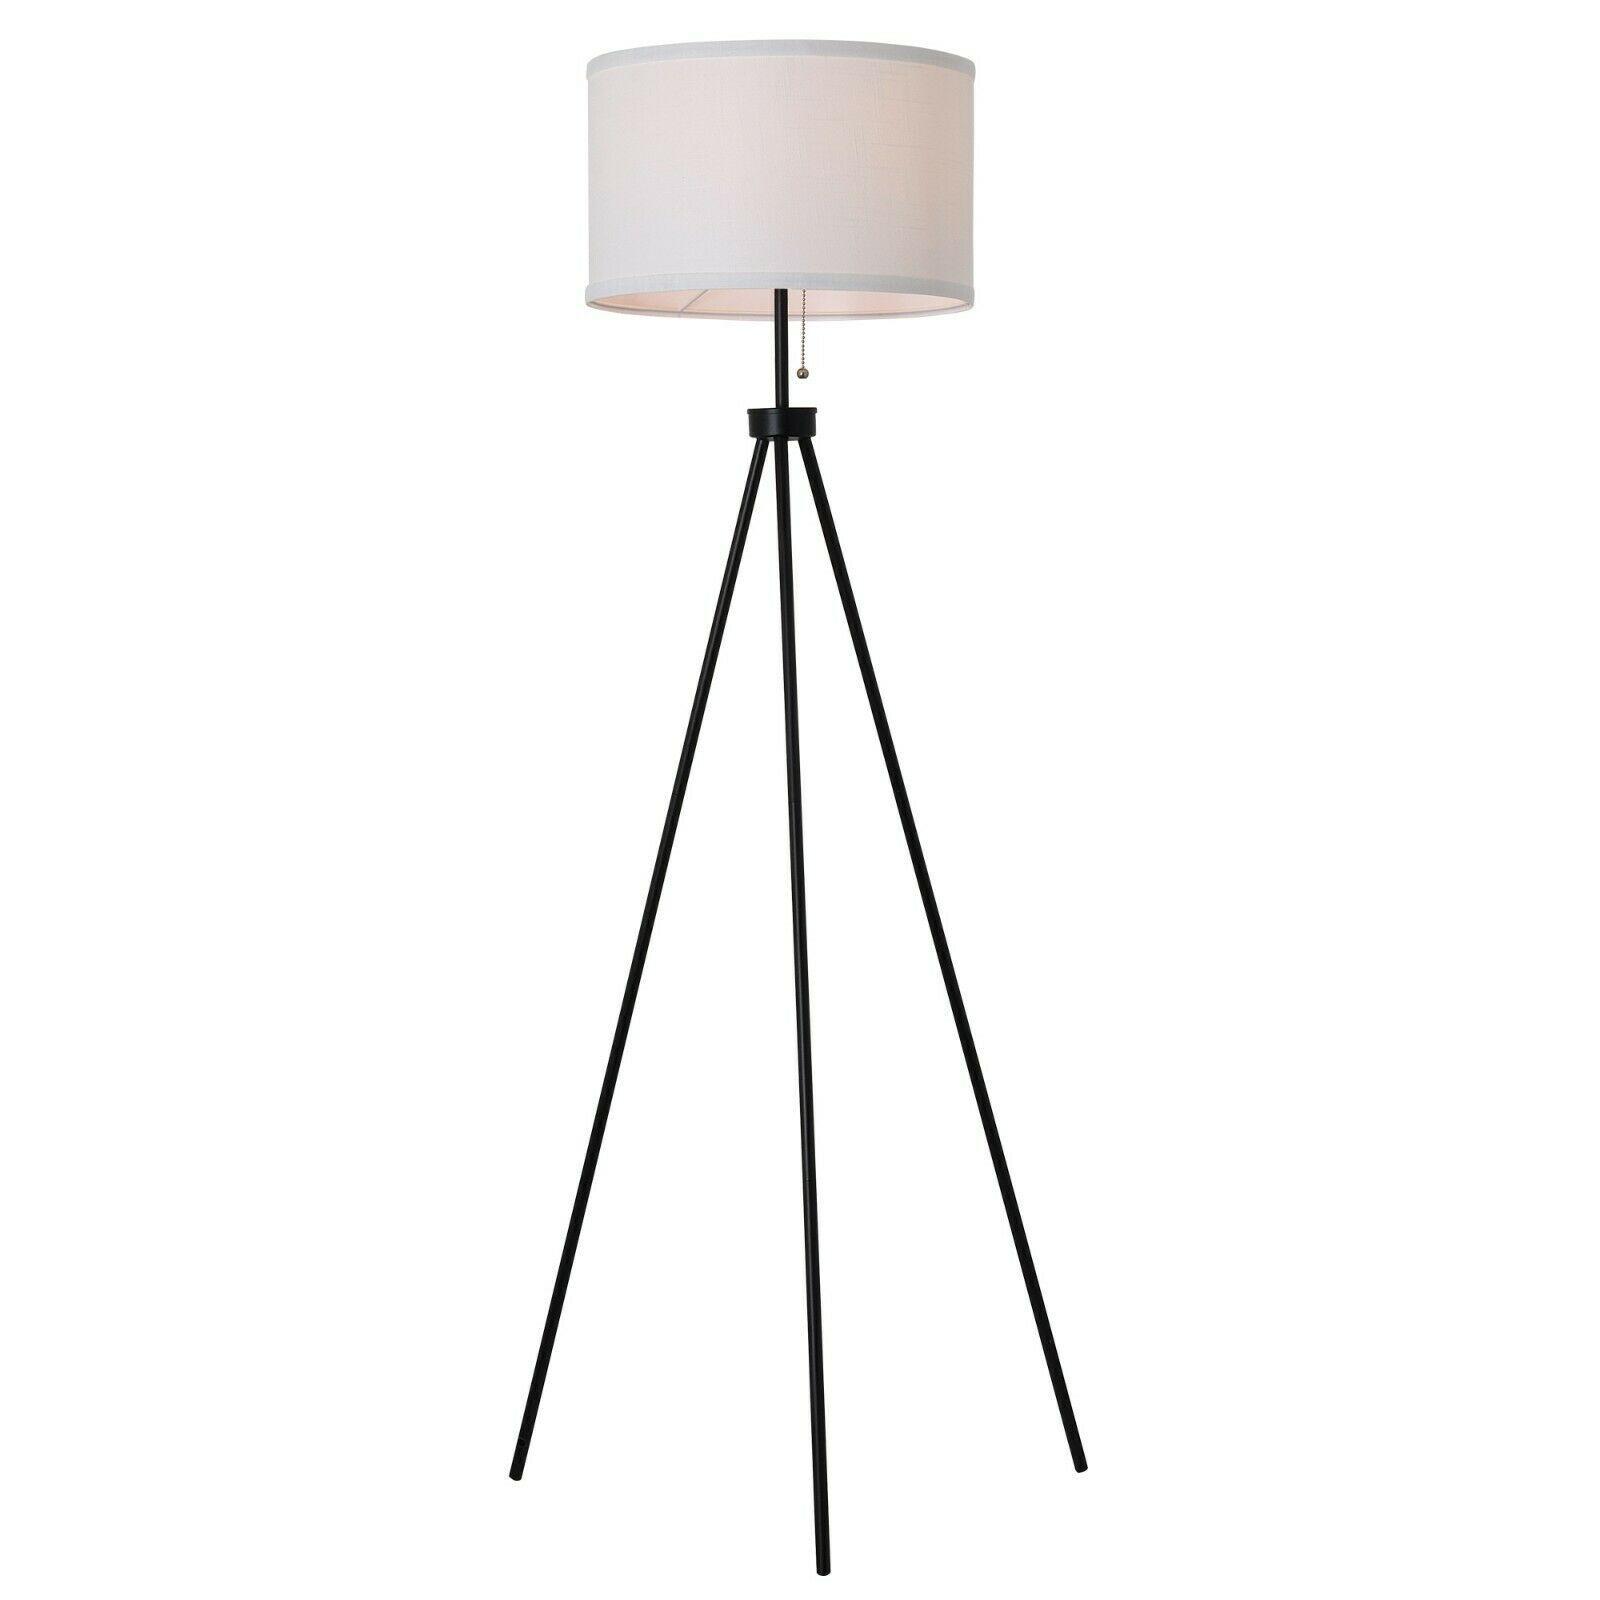 Modern Tripod Floor Lamp Tall Standing White Black Living Room